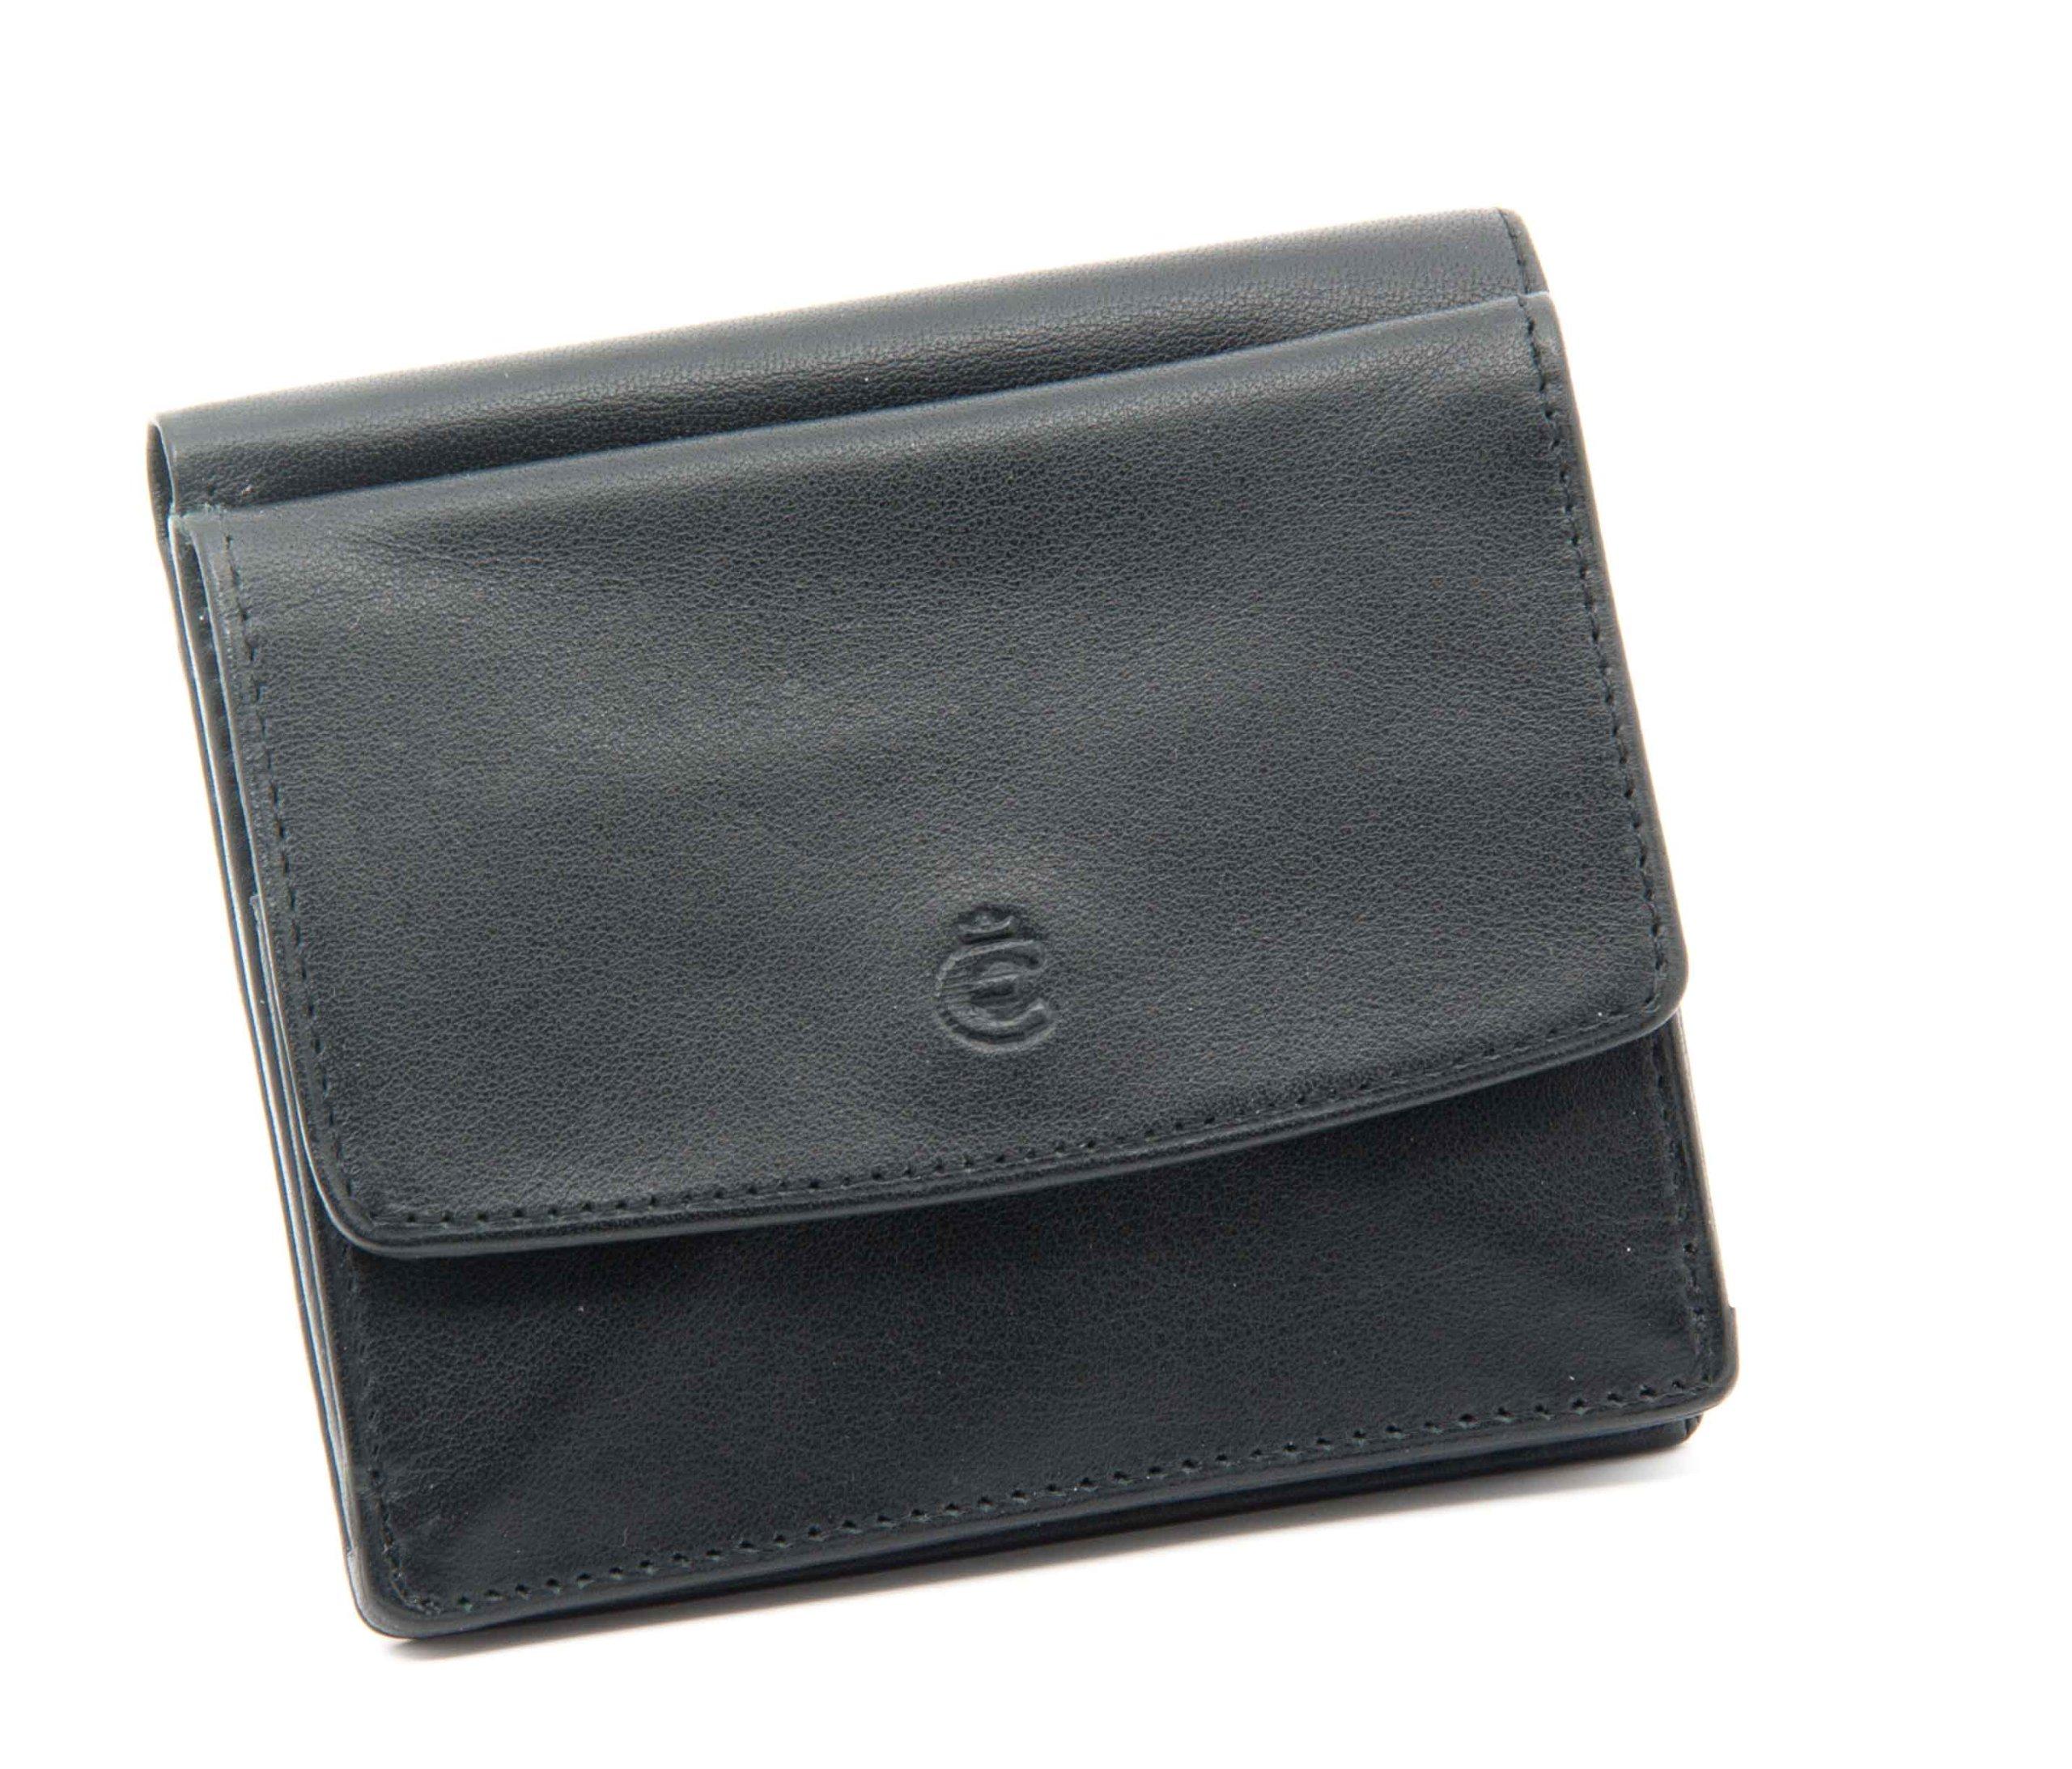 Esquire Handtaschen Taschen 00391000 schwarz Schwarz KjEeK